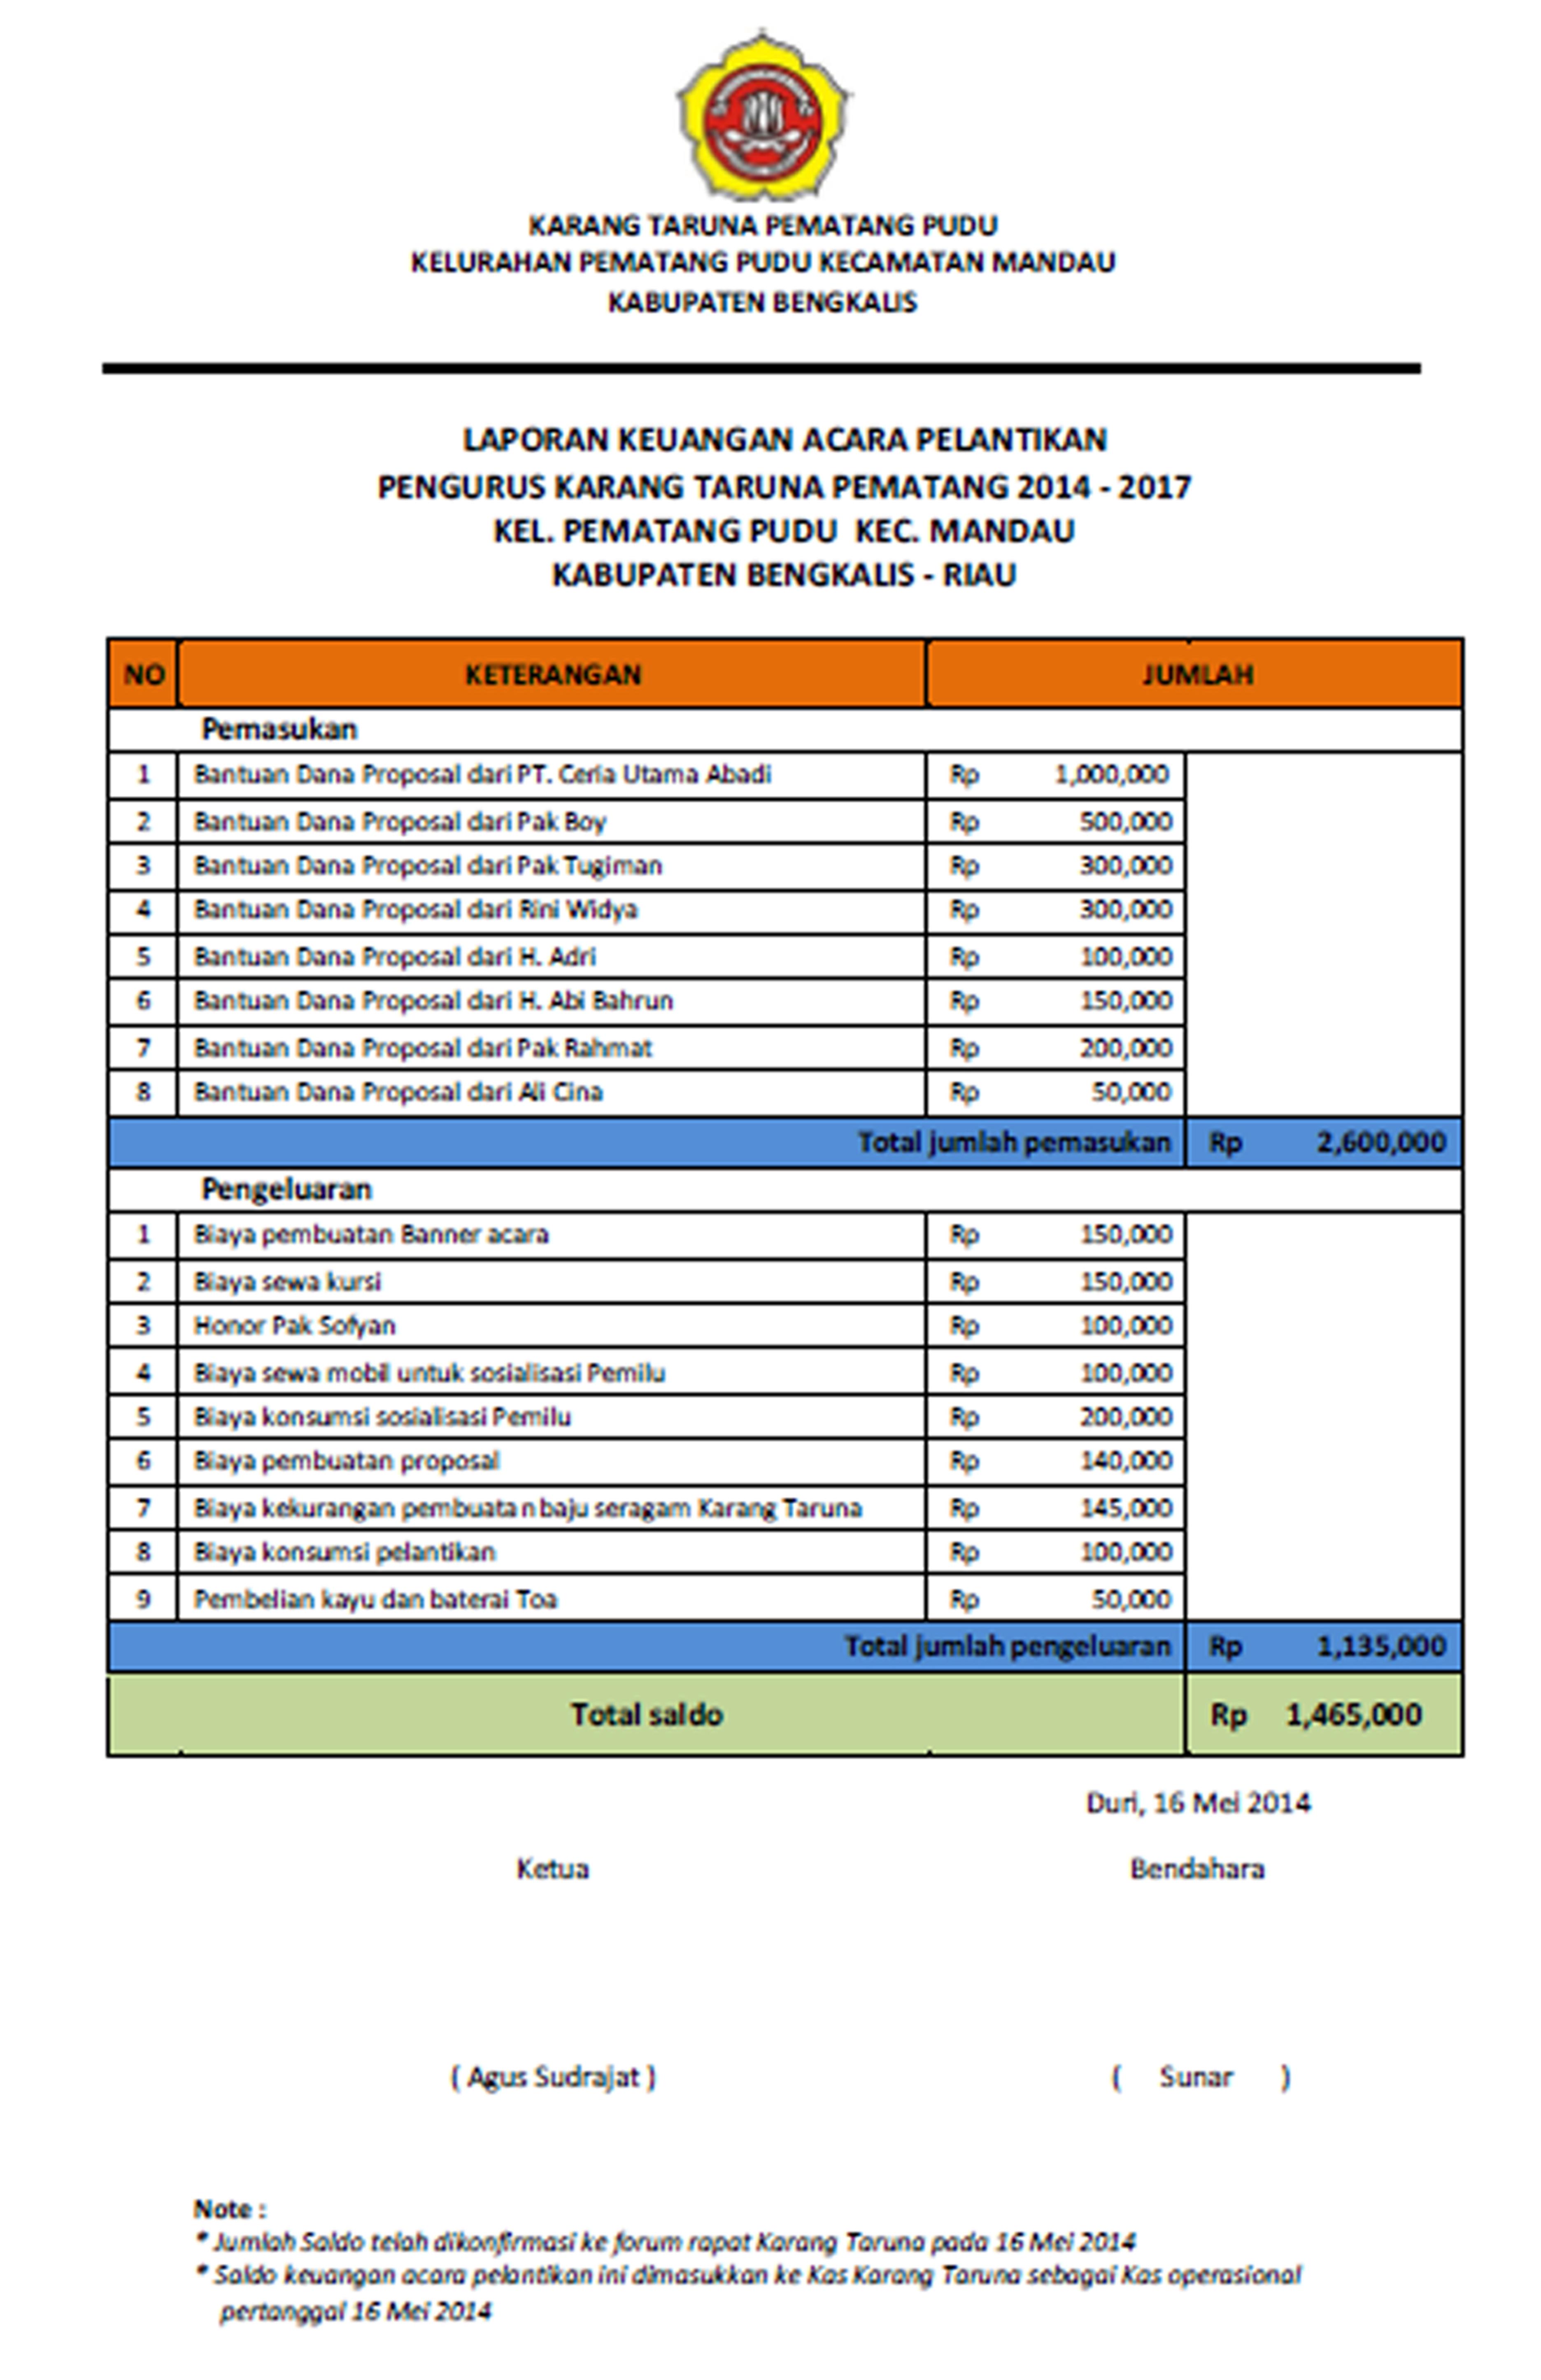 Laporan Keuangan Acara Pelantikan Pengurus Karang Taruna Masa Bakti 2014 2017 Karang Taruna Pematang Pudu